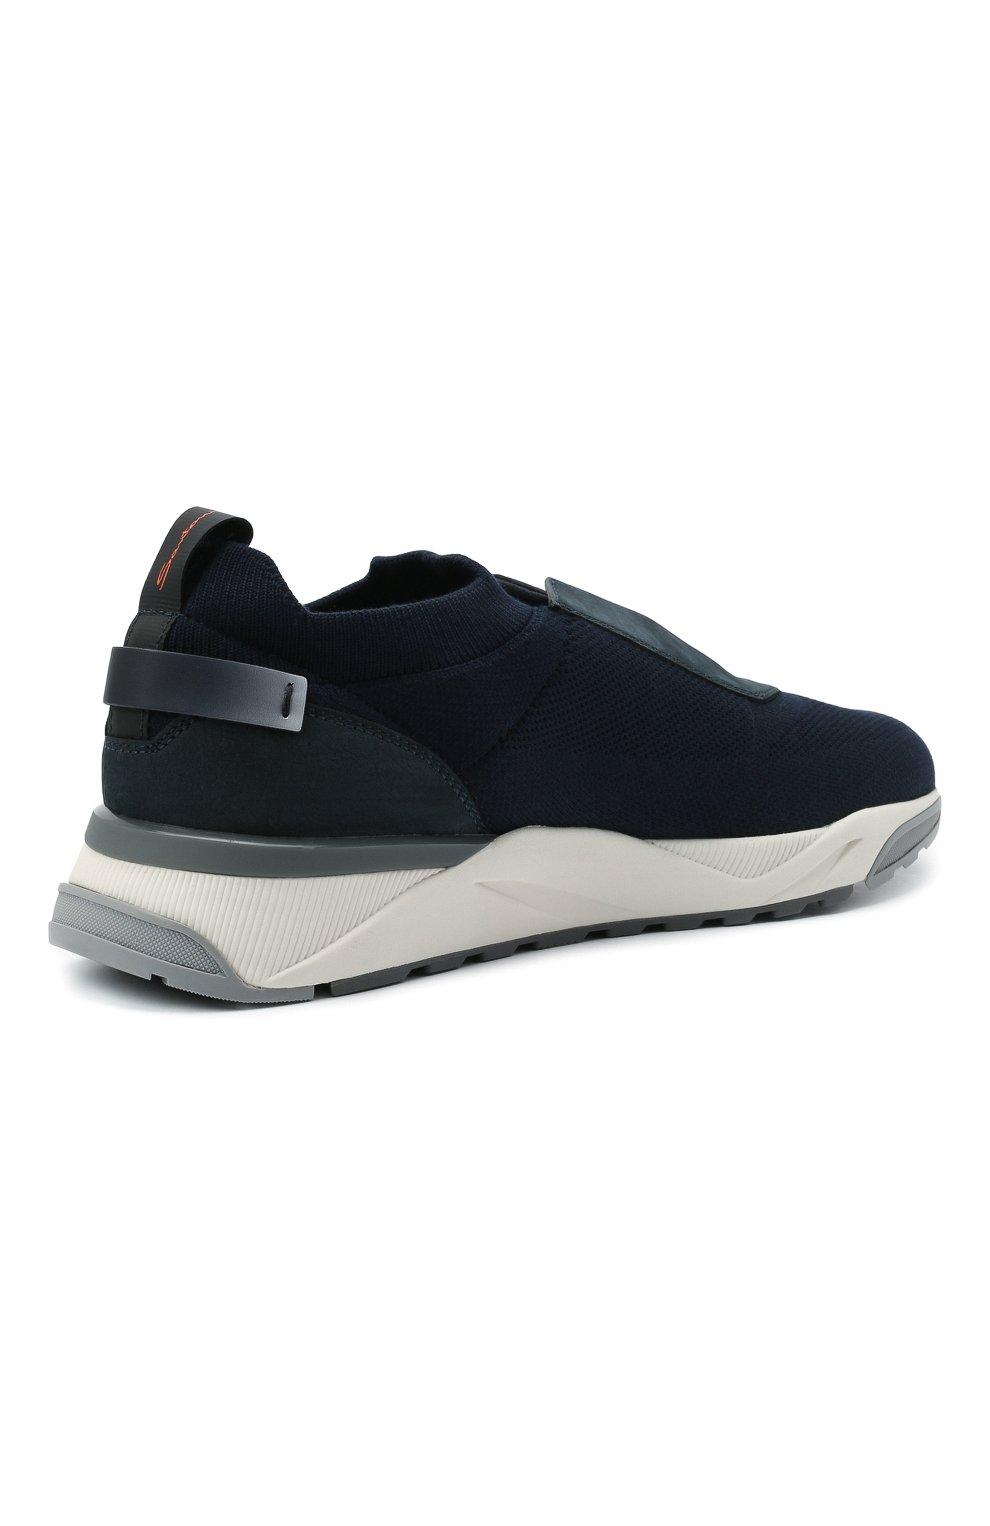 Мужские текстильные кроссовки SANTONI темно-синего цвета, арт. MBI021601BGRNH0DU60 | Фото 4 (Материал внешний: Текстиль; Материал внутренний: Натуральная кожа, Текстиль; Подошва: Массивная; Стили: Спорт)